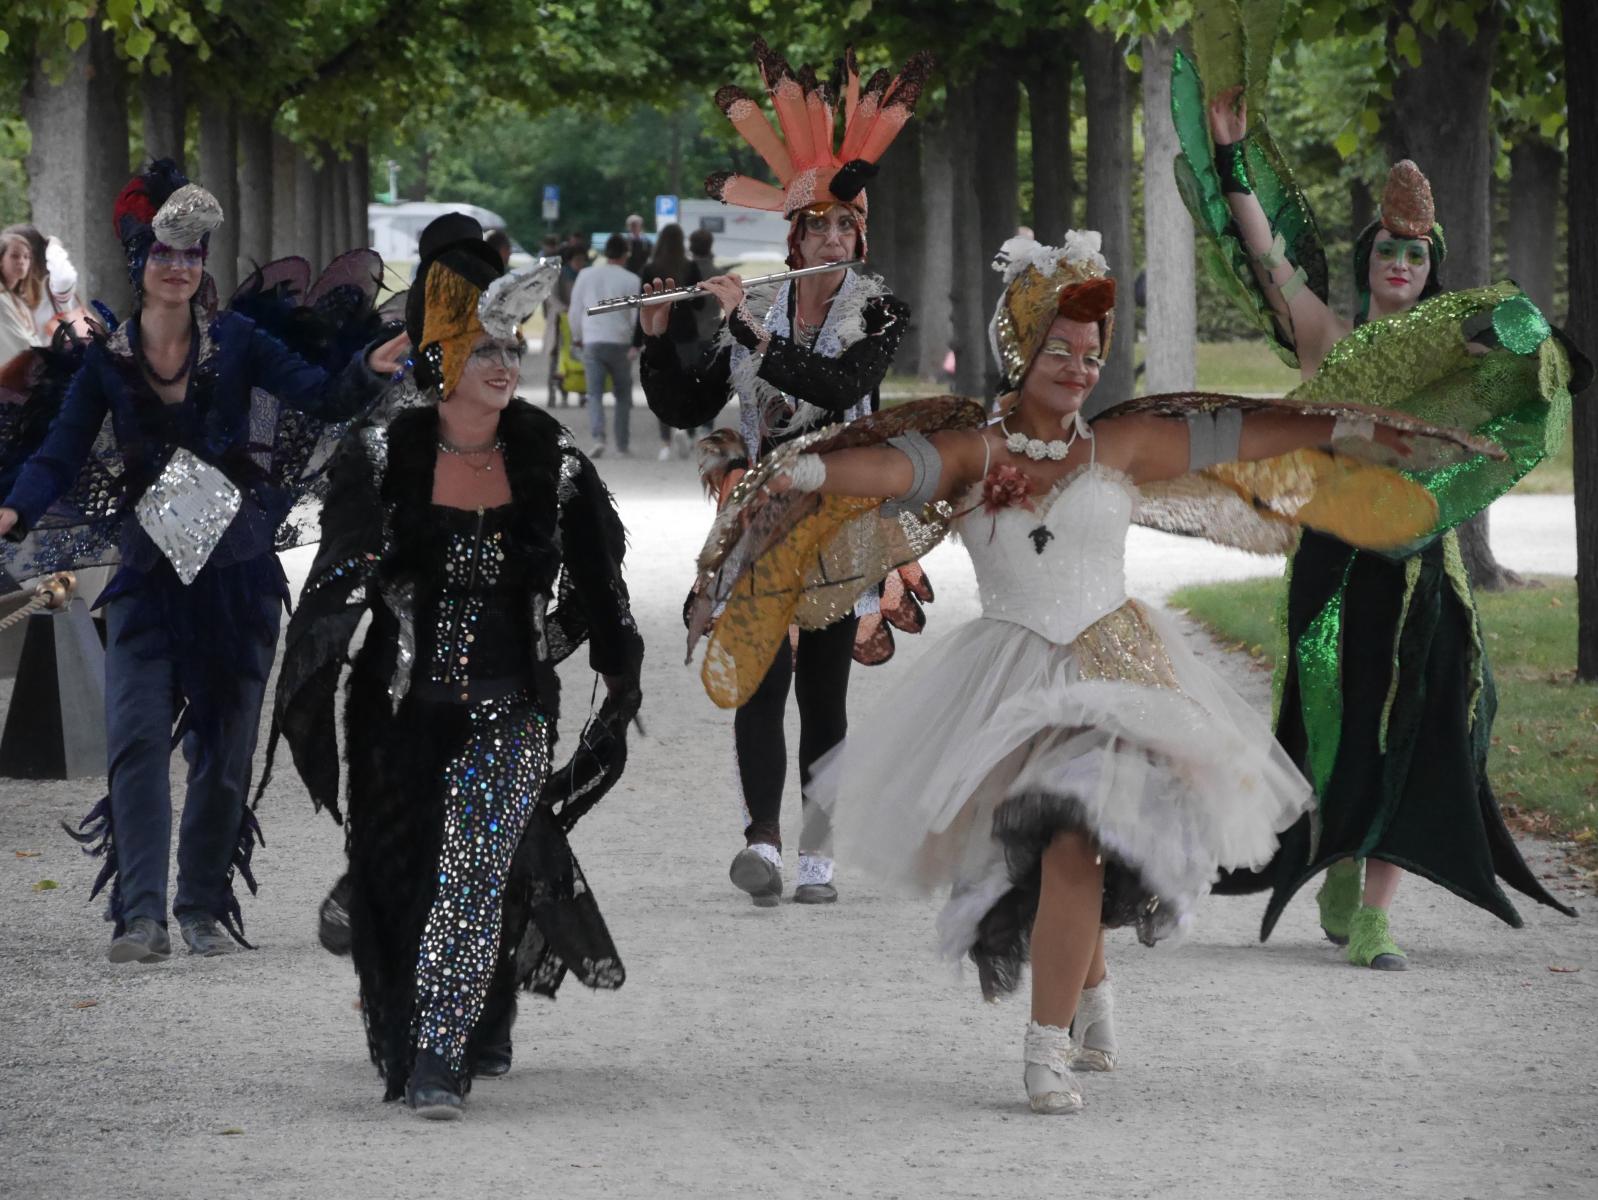 Spielende und tanzende Phantasievögel schreiten über die Wege der königlichen Gärten von Herrenhausen.